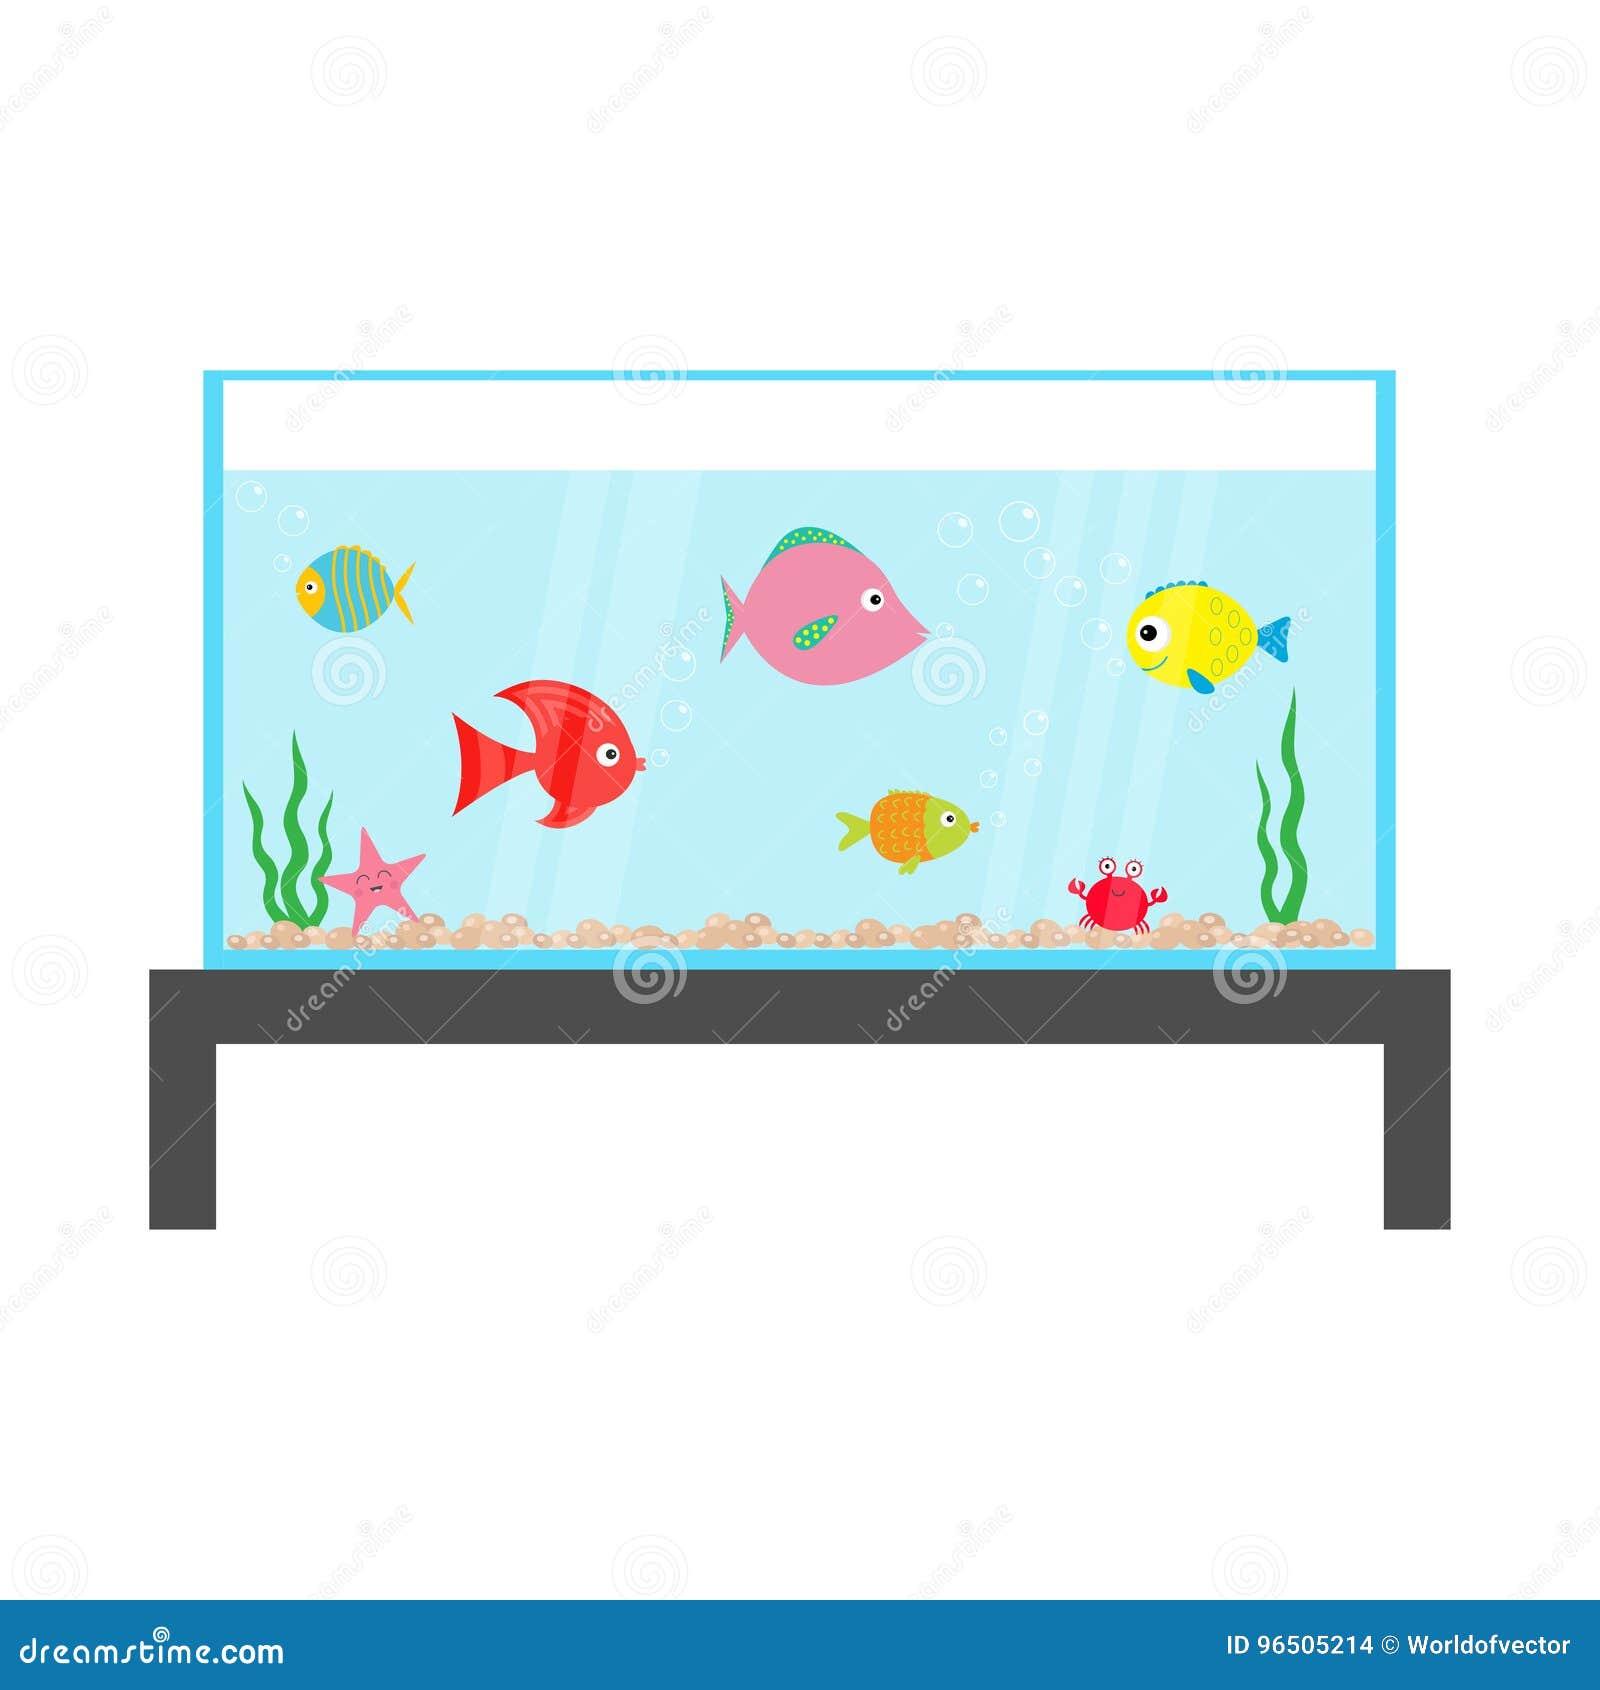 Σύνολο ψαριών που κολυμπά στο ενυδρείο Αστέρι, καβούρι, φύκι, πέτρες, φυσαλίδες, κύματα νερού